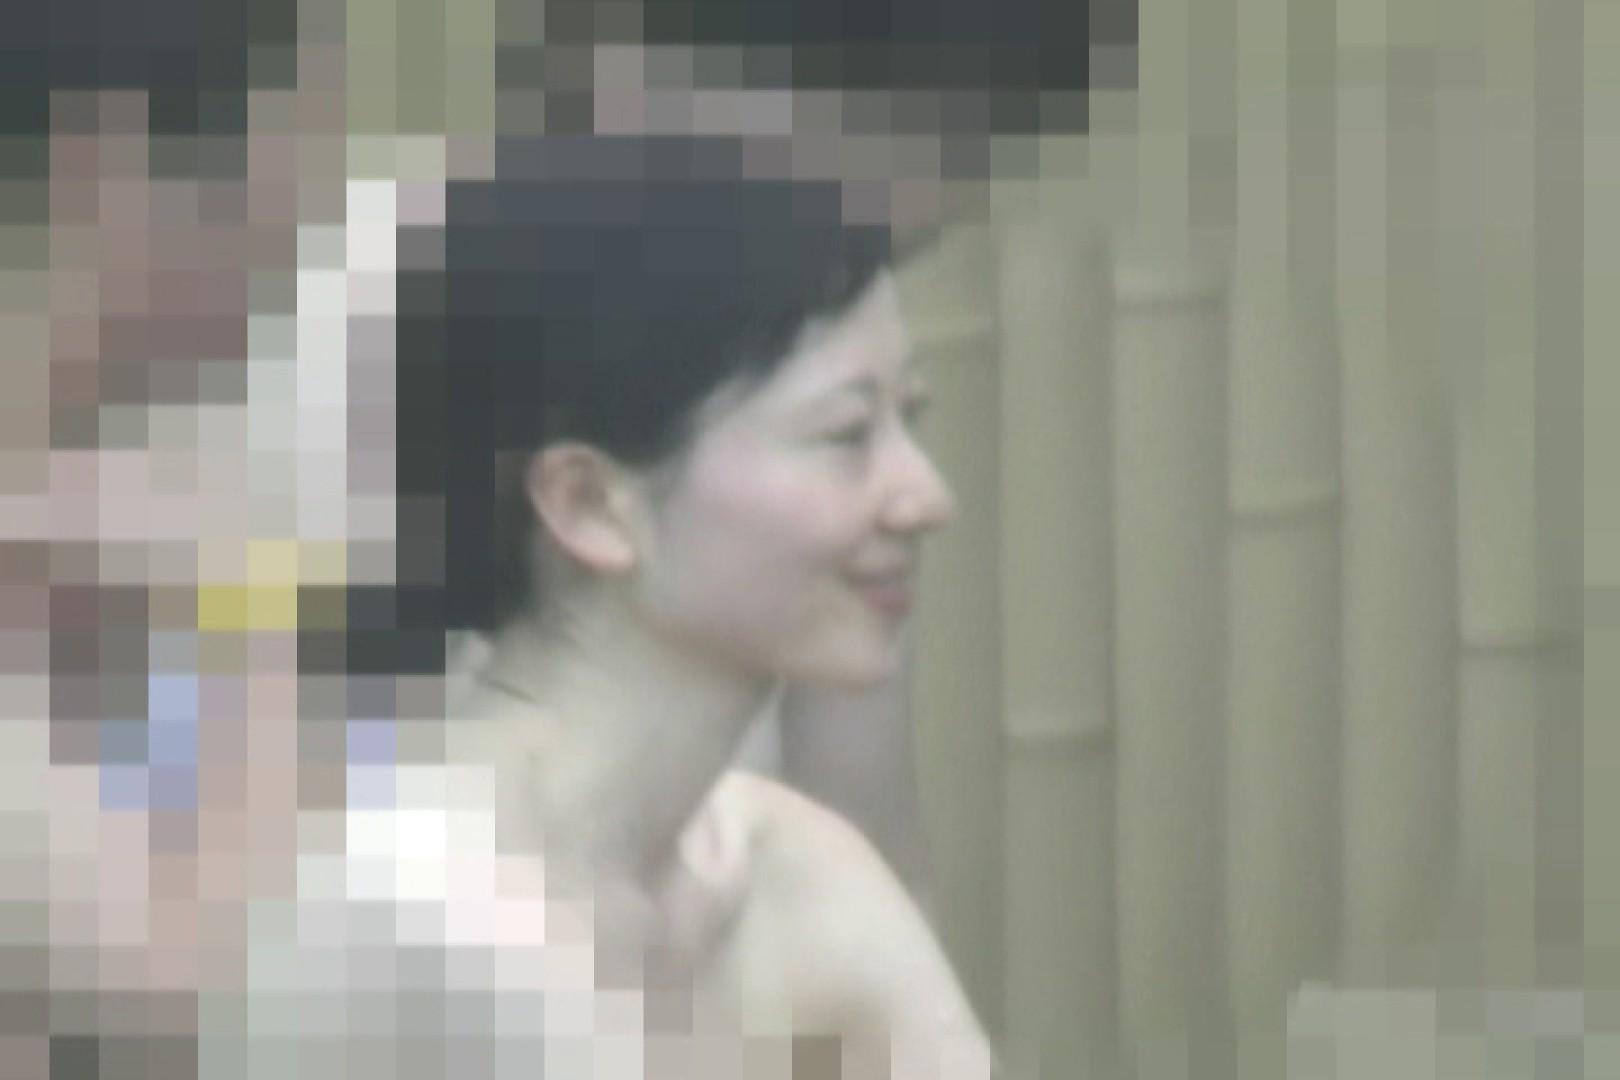 Aquaな露天風呂Vol.835 盗撮シリーズ  92PIX 62